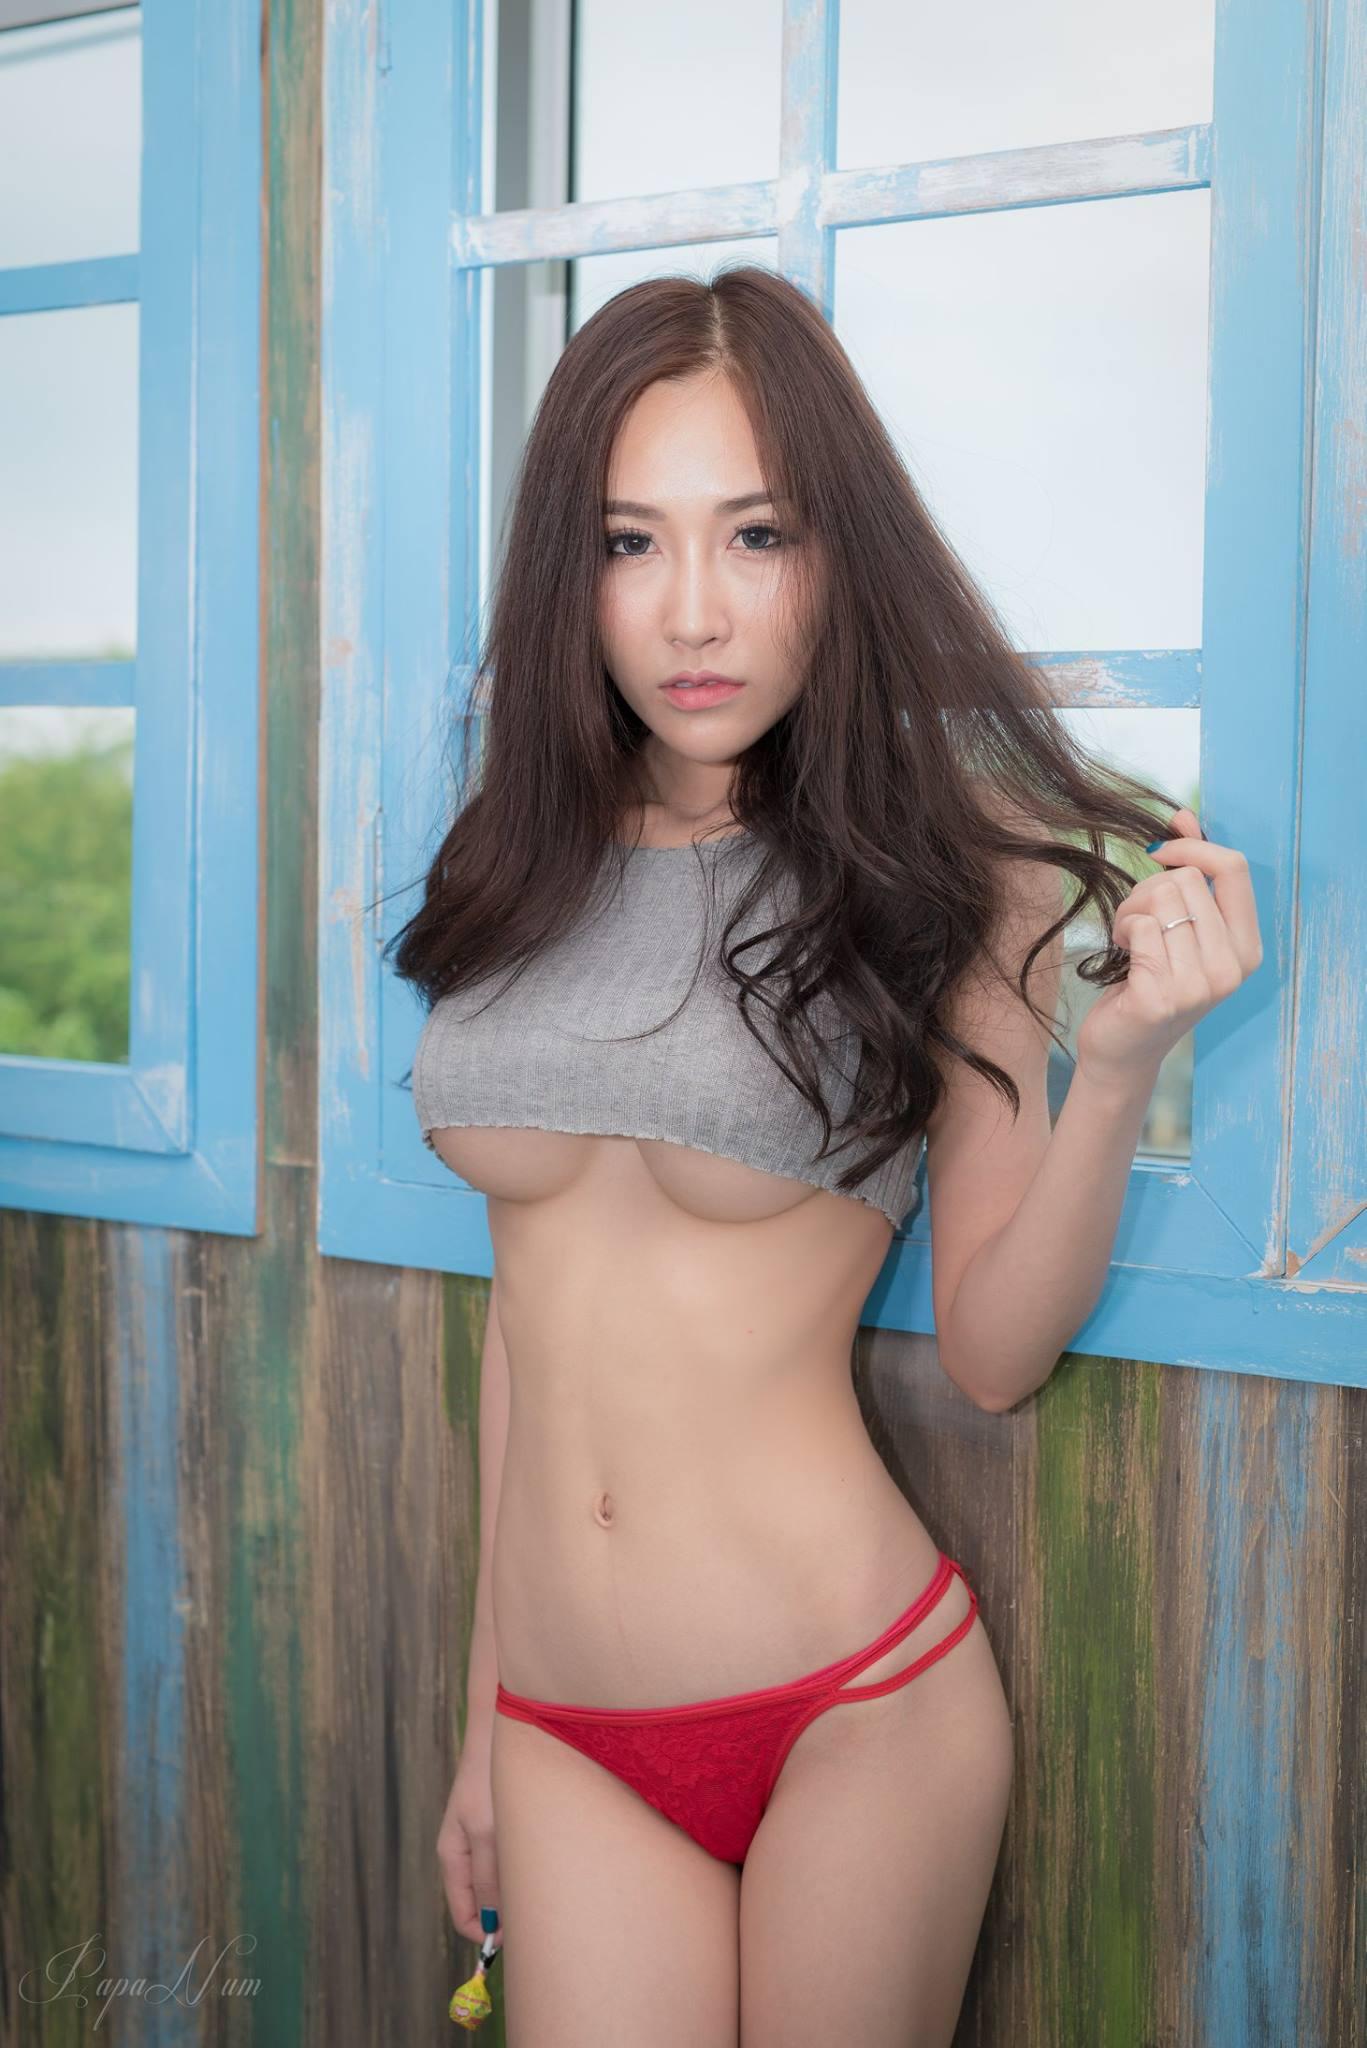 Red Lollipop - Chotip Jandahan